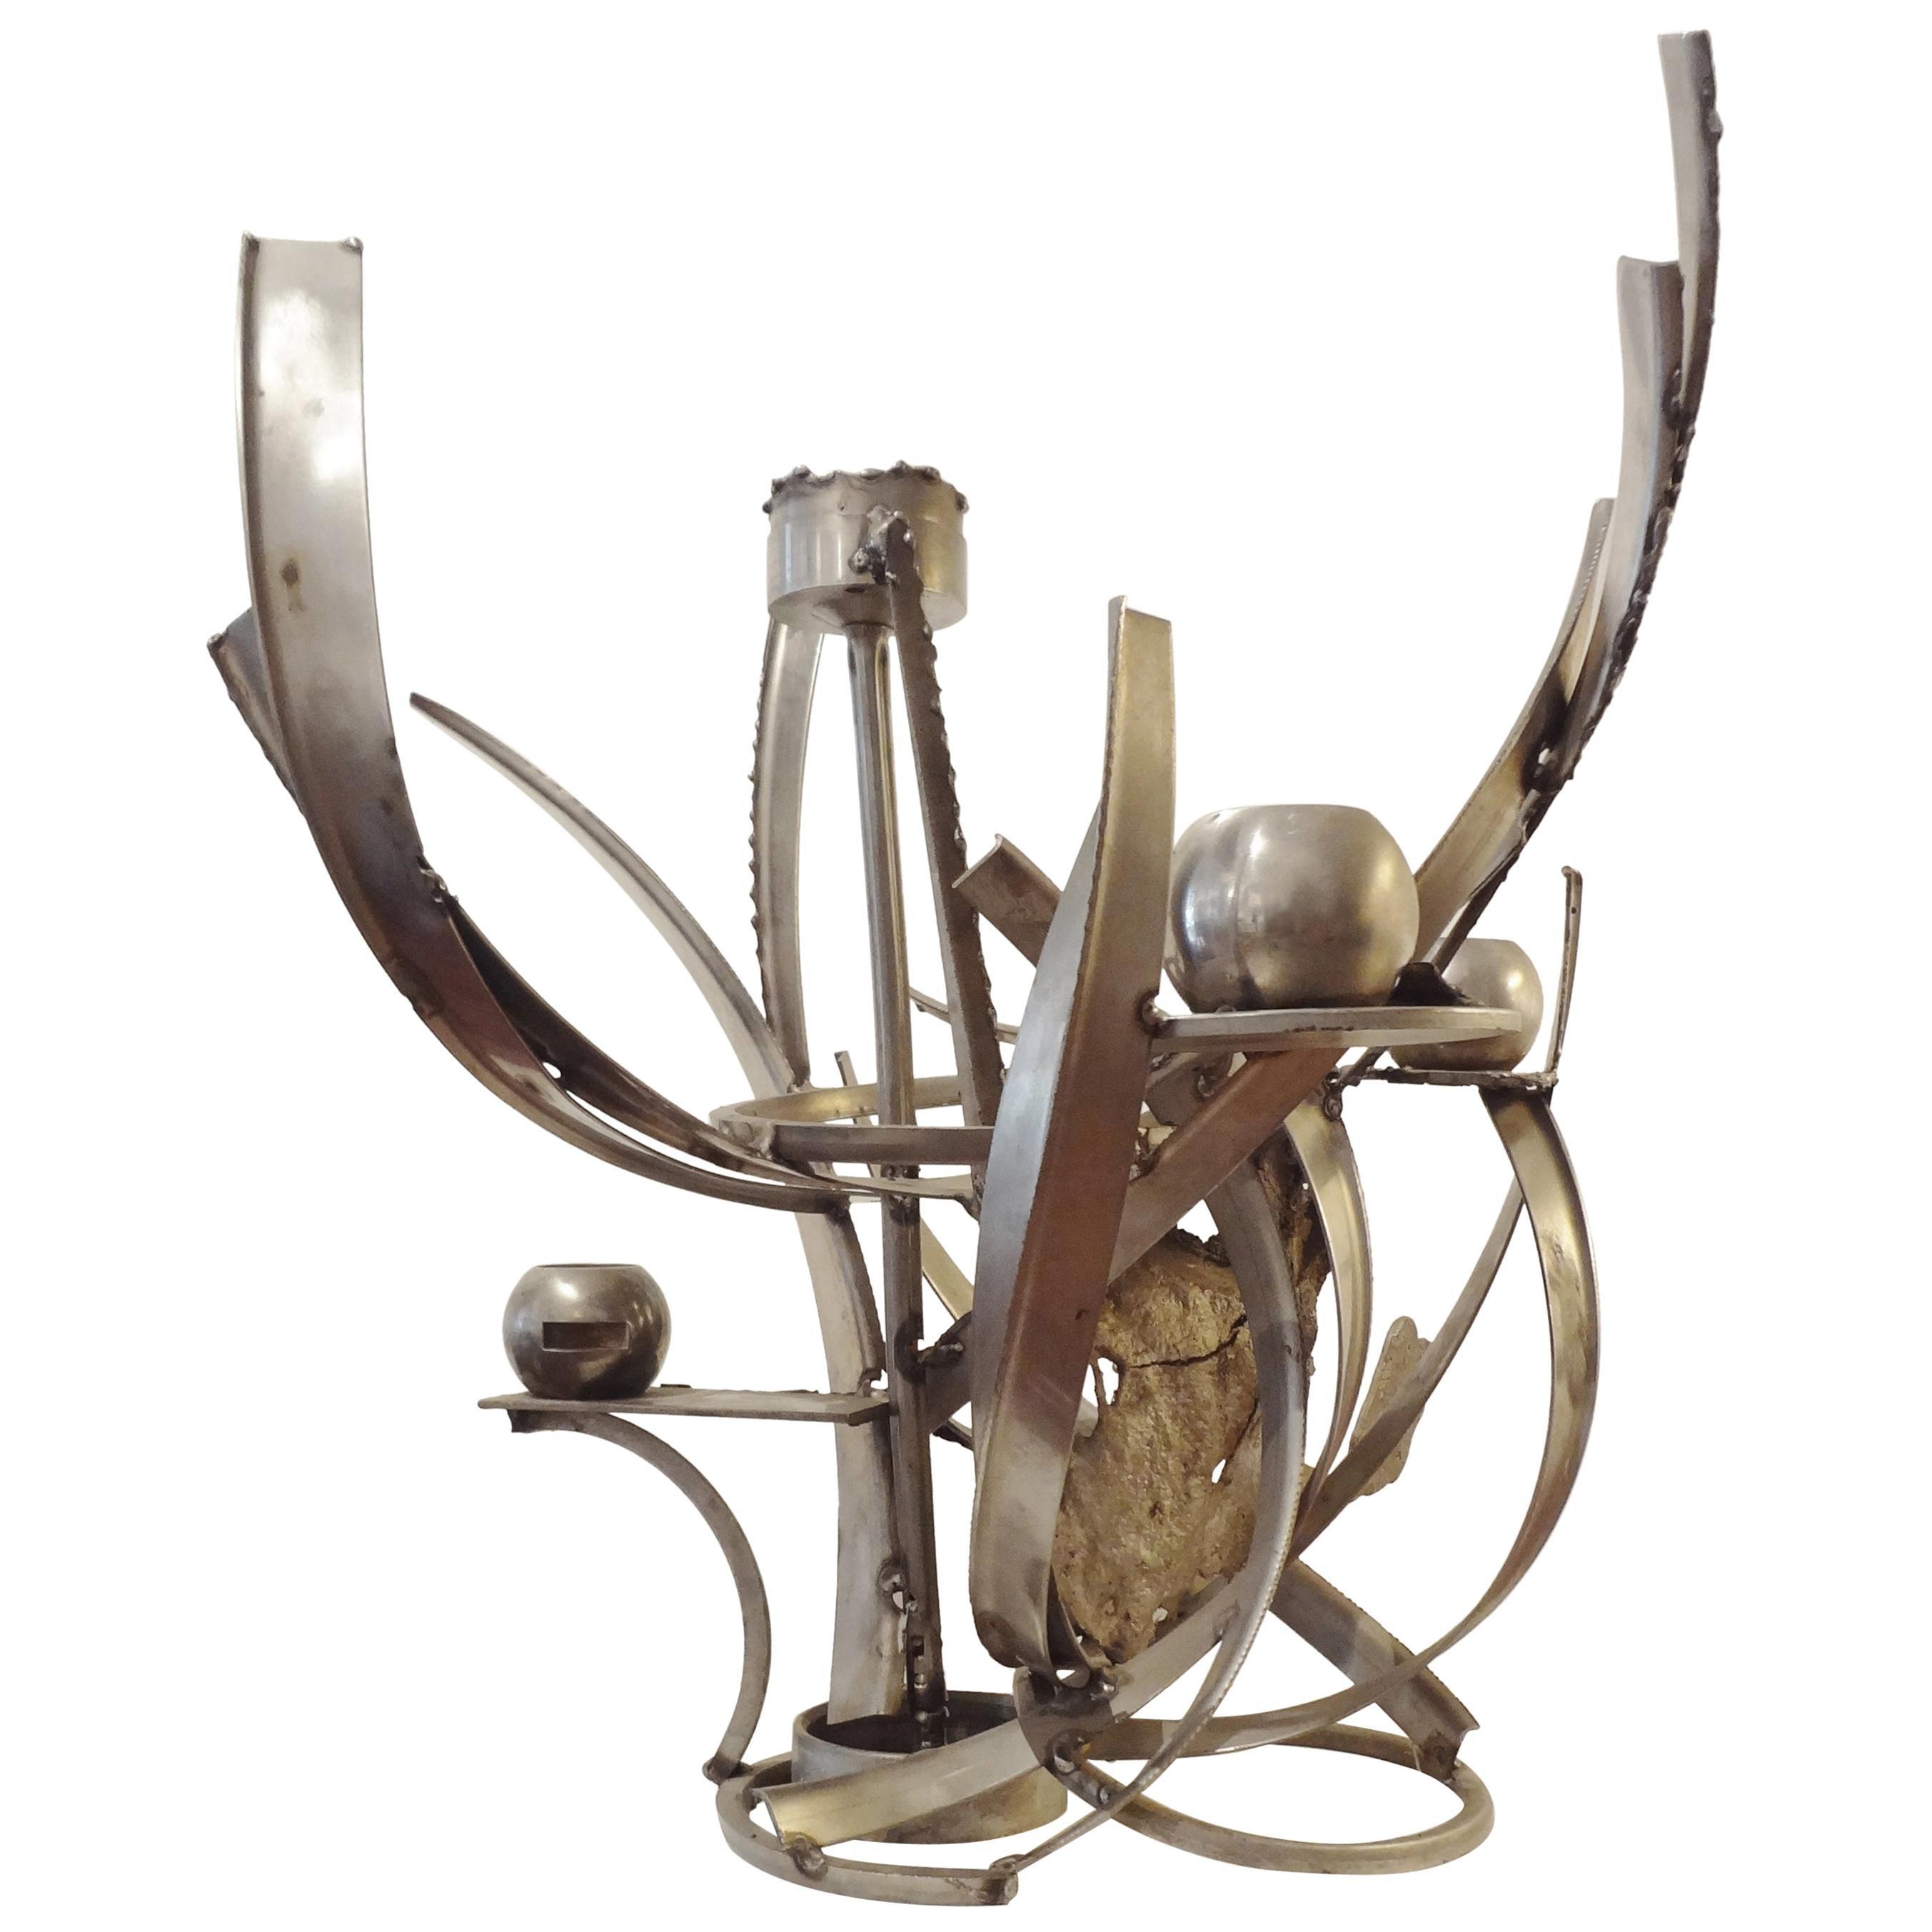 Sculpted Candlestick by Albert Feraud, 1970s